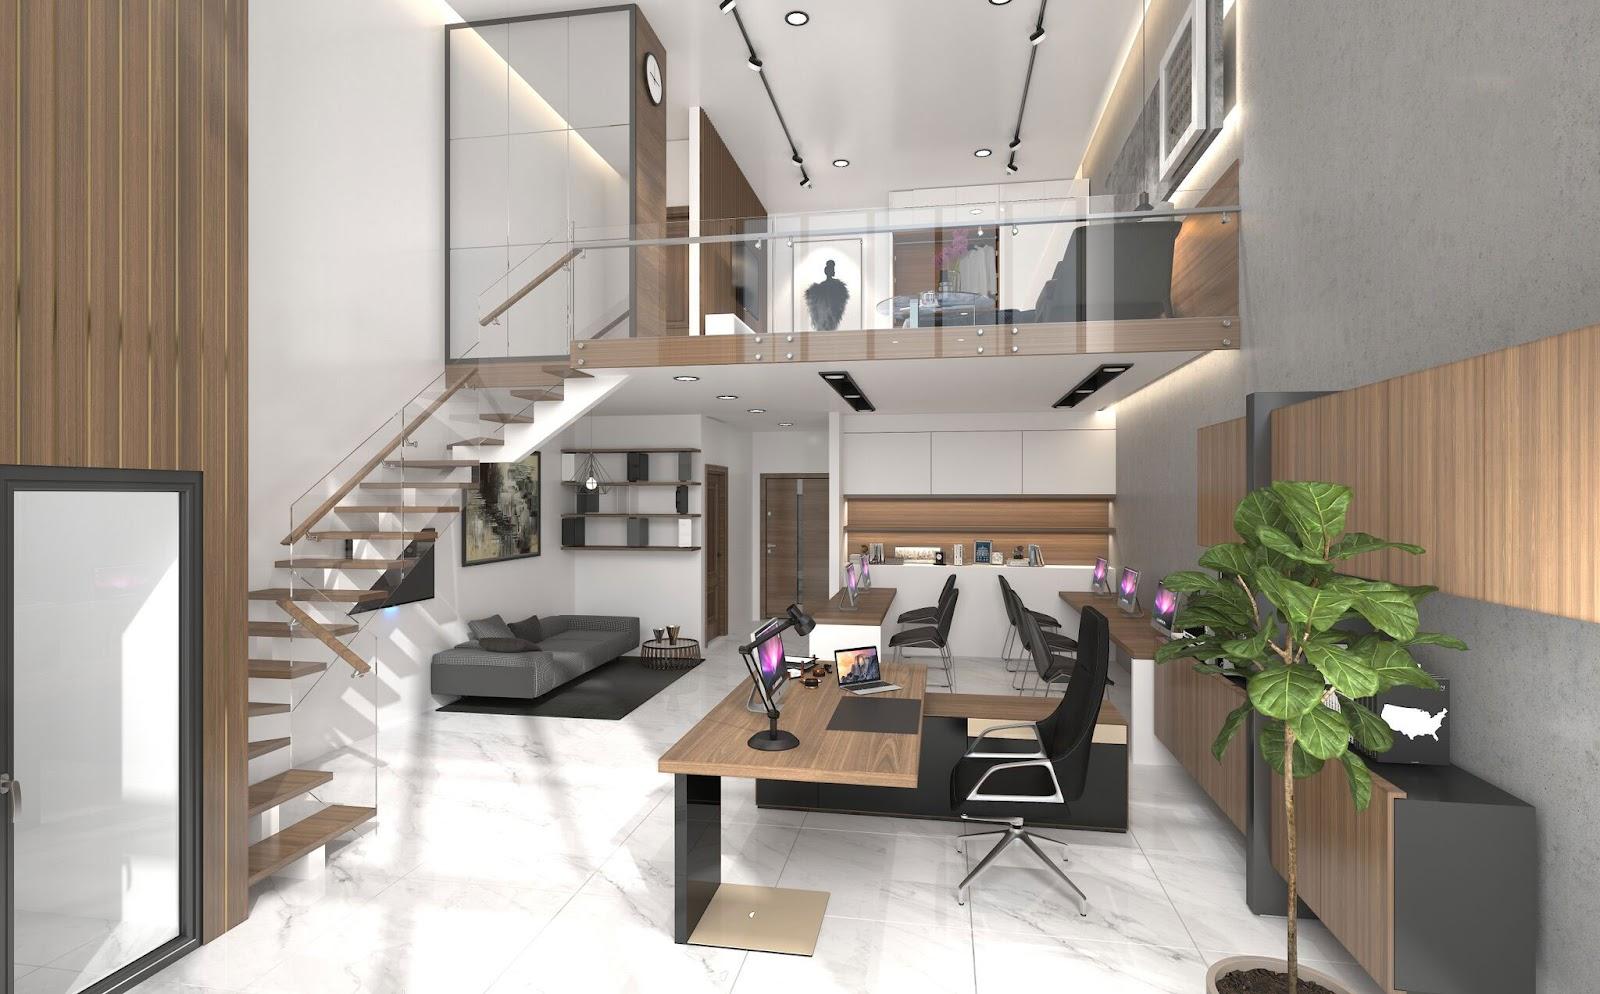 Căn hộ Officetel hứa hẹn sẽ trở thành loại bất động sản được ưa chuộng bởi những người đi thuê nhà